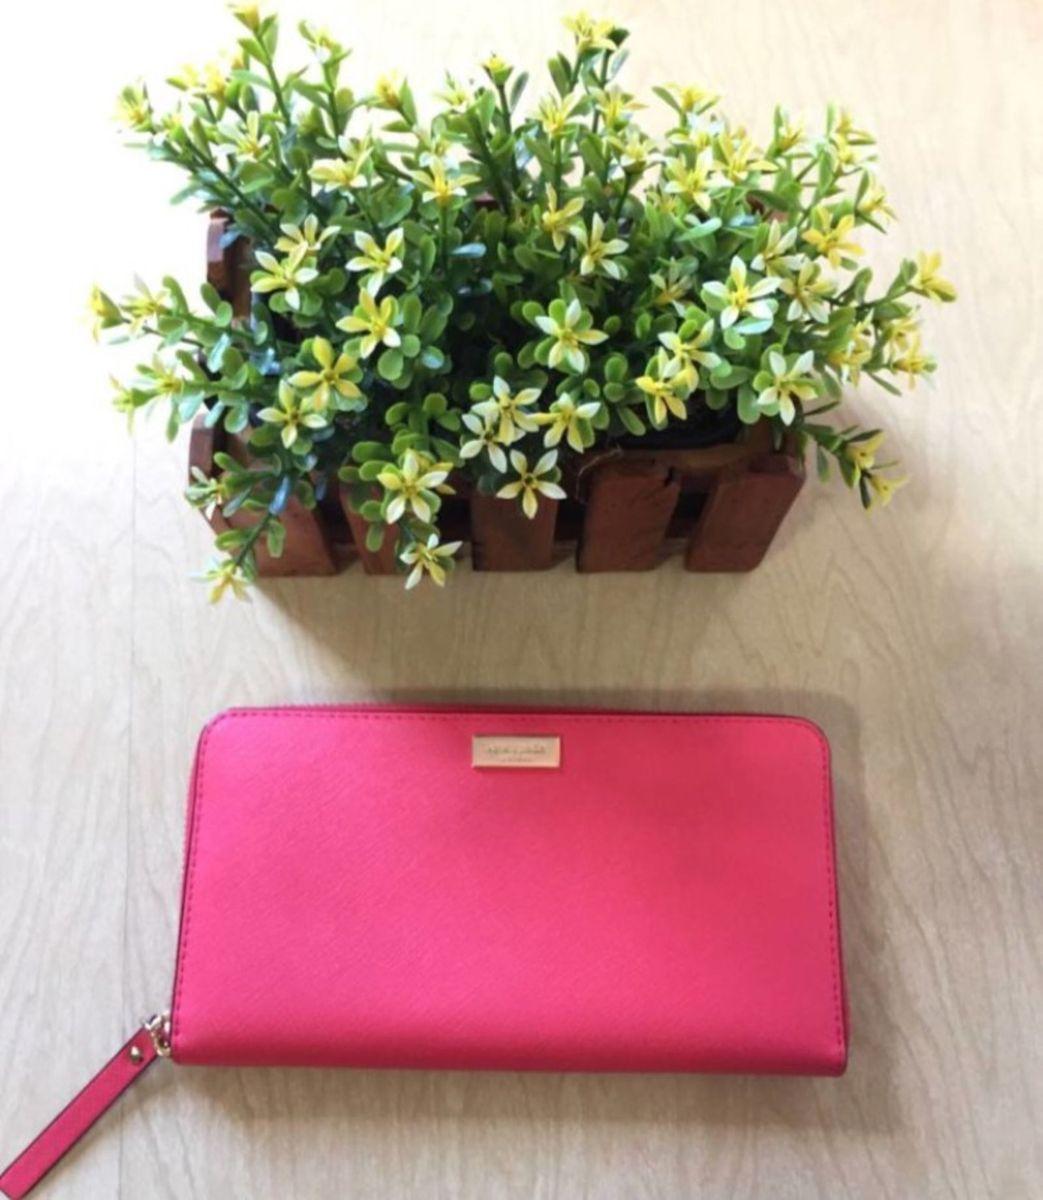 carteira luxo kate spade vermelho couro saffiano coral nova original - carteiras kate-spade